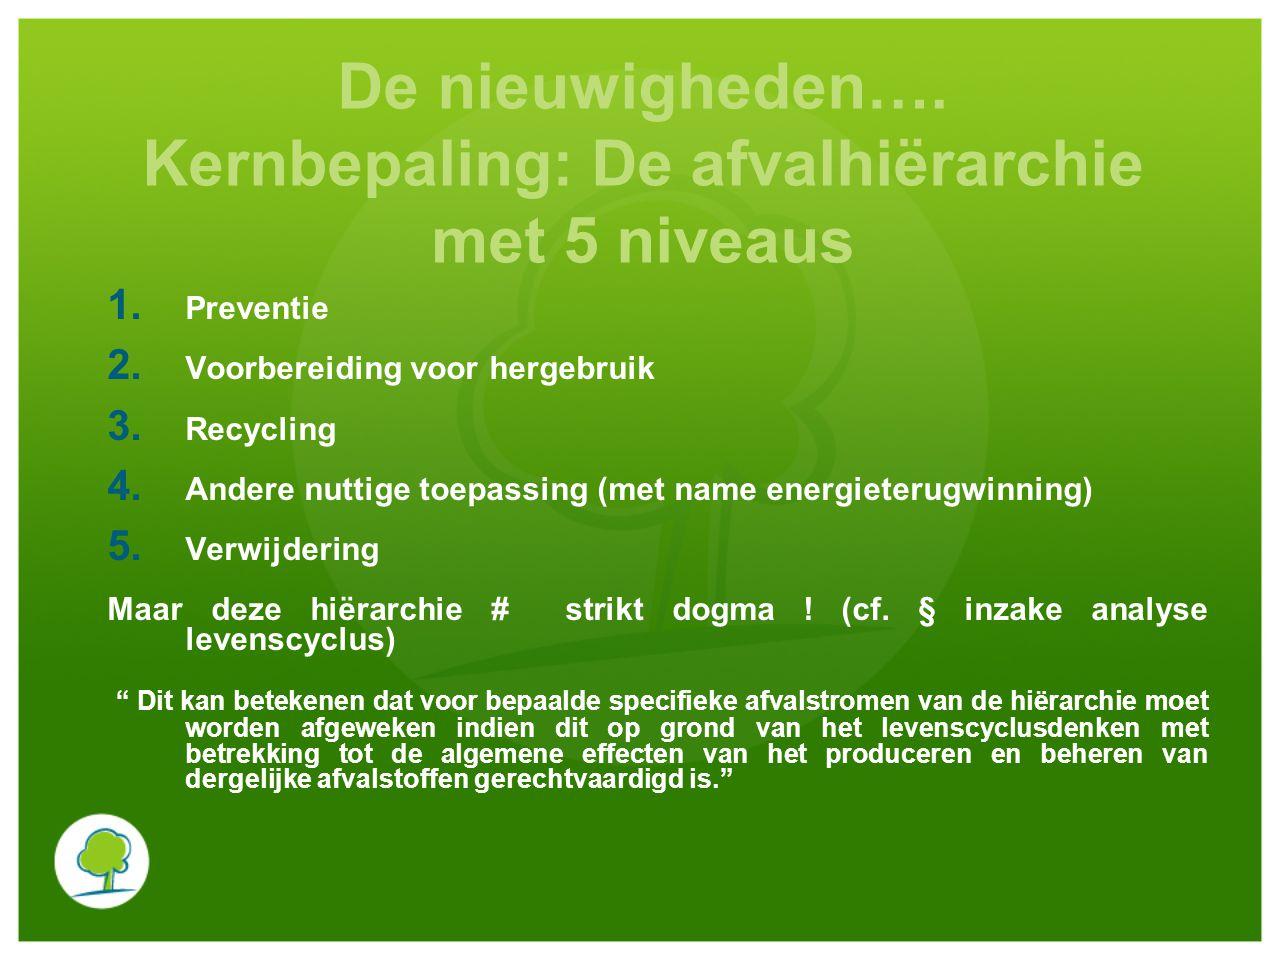 Kernbepaling: artikel 11, § 2 dat het te bereiken recyclingpercentage van de afvalstoffen vastlegt De Lidstaten moeten de nodige maatregelen treffen om bepaalde geraamde doelstellingen inzake « recyclage » te halen Deze doelstellingen zijn de te halen minima Termijn : 2020 (maar een overgangsperiode is mogelijk voor bepaalde Lidstaten – niet voor België) 2 stromen waarop dit betrekking heeft / 2 geraamde doelstellingen  Afvalstoffen uit huishoudens en, eventueel, uit andere bronnen, voor zover deze afvalstromen vergelijkbaar zijn met die van huishoudelijk afval (HAA) /in totaal 50 gewichtsprocent  Niet-gevaarlijk bouw- en sloopafval (B&S) 70 gewichtspercent Enkel bepaalde nuttige toepassingen zijn toegelaten:  Nuttige toepassingen inzake energieterugwinning zijn uitgesloten  HAA : voorbereiding voor hergebruik (vb.) en recyclage (vb.)  B&S : voorbereiding voor hergebruik, recyclage en alle andere nuttige toepassingen van materiaal (met inbegrip van opvulactiviteiten, waarbij afval ter vervanging van ander materiaal word gebruikt)